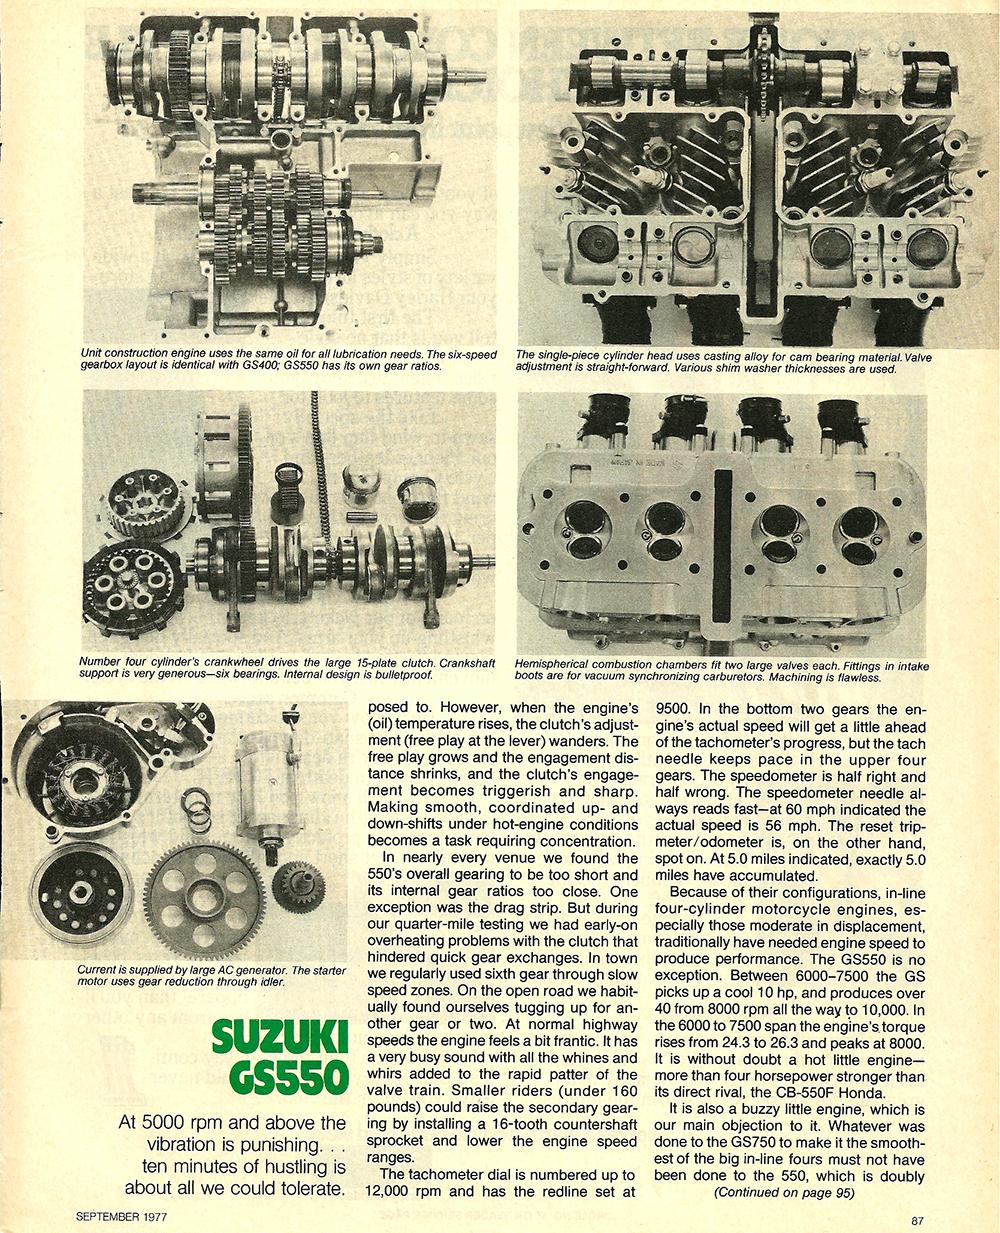 1977 Suzuki GS550 road test 06.jpg